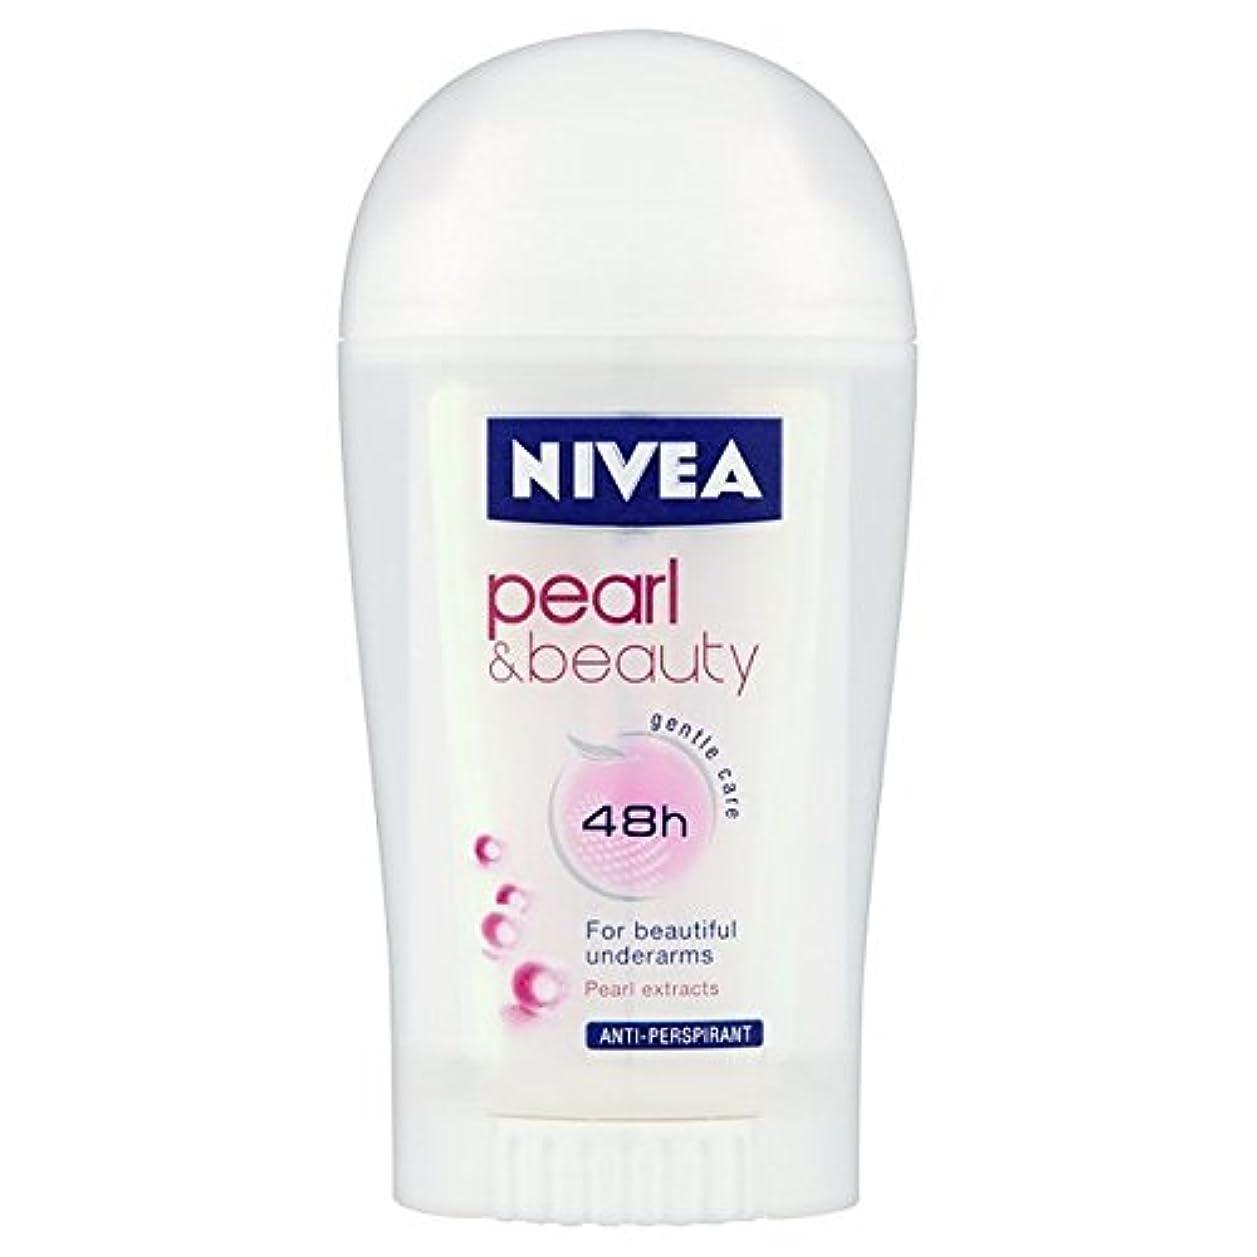 密輸消すラウンジニベア真珠&ビューティー制汗デオドラントスティック40ミリリットル x2 - Nivea Pearl & Beauty Anti-Perspirant Deodorant Stick 40ml (Pack of 2) [並行輸入品]